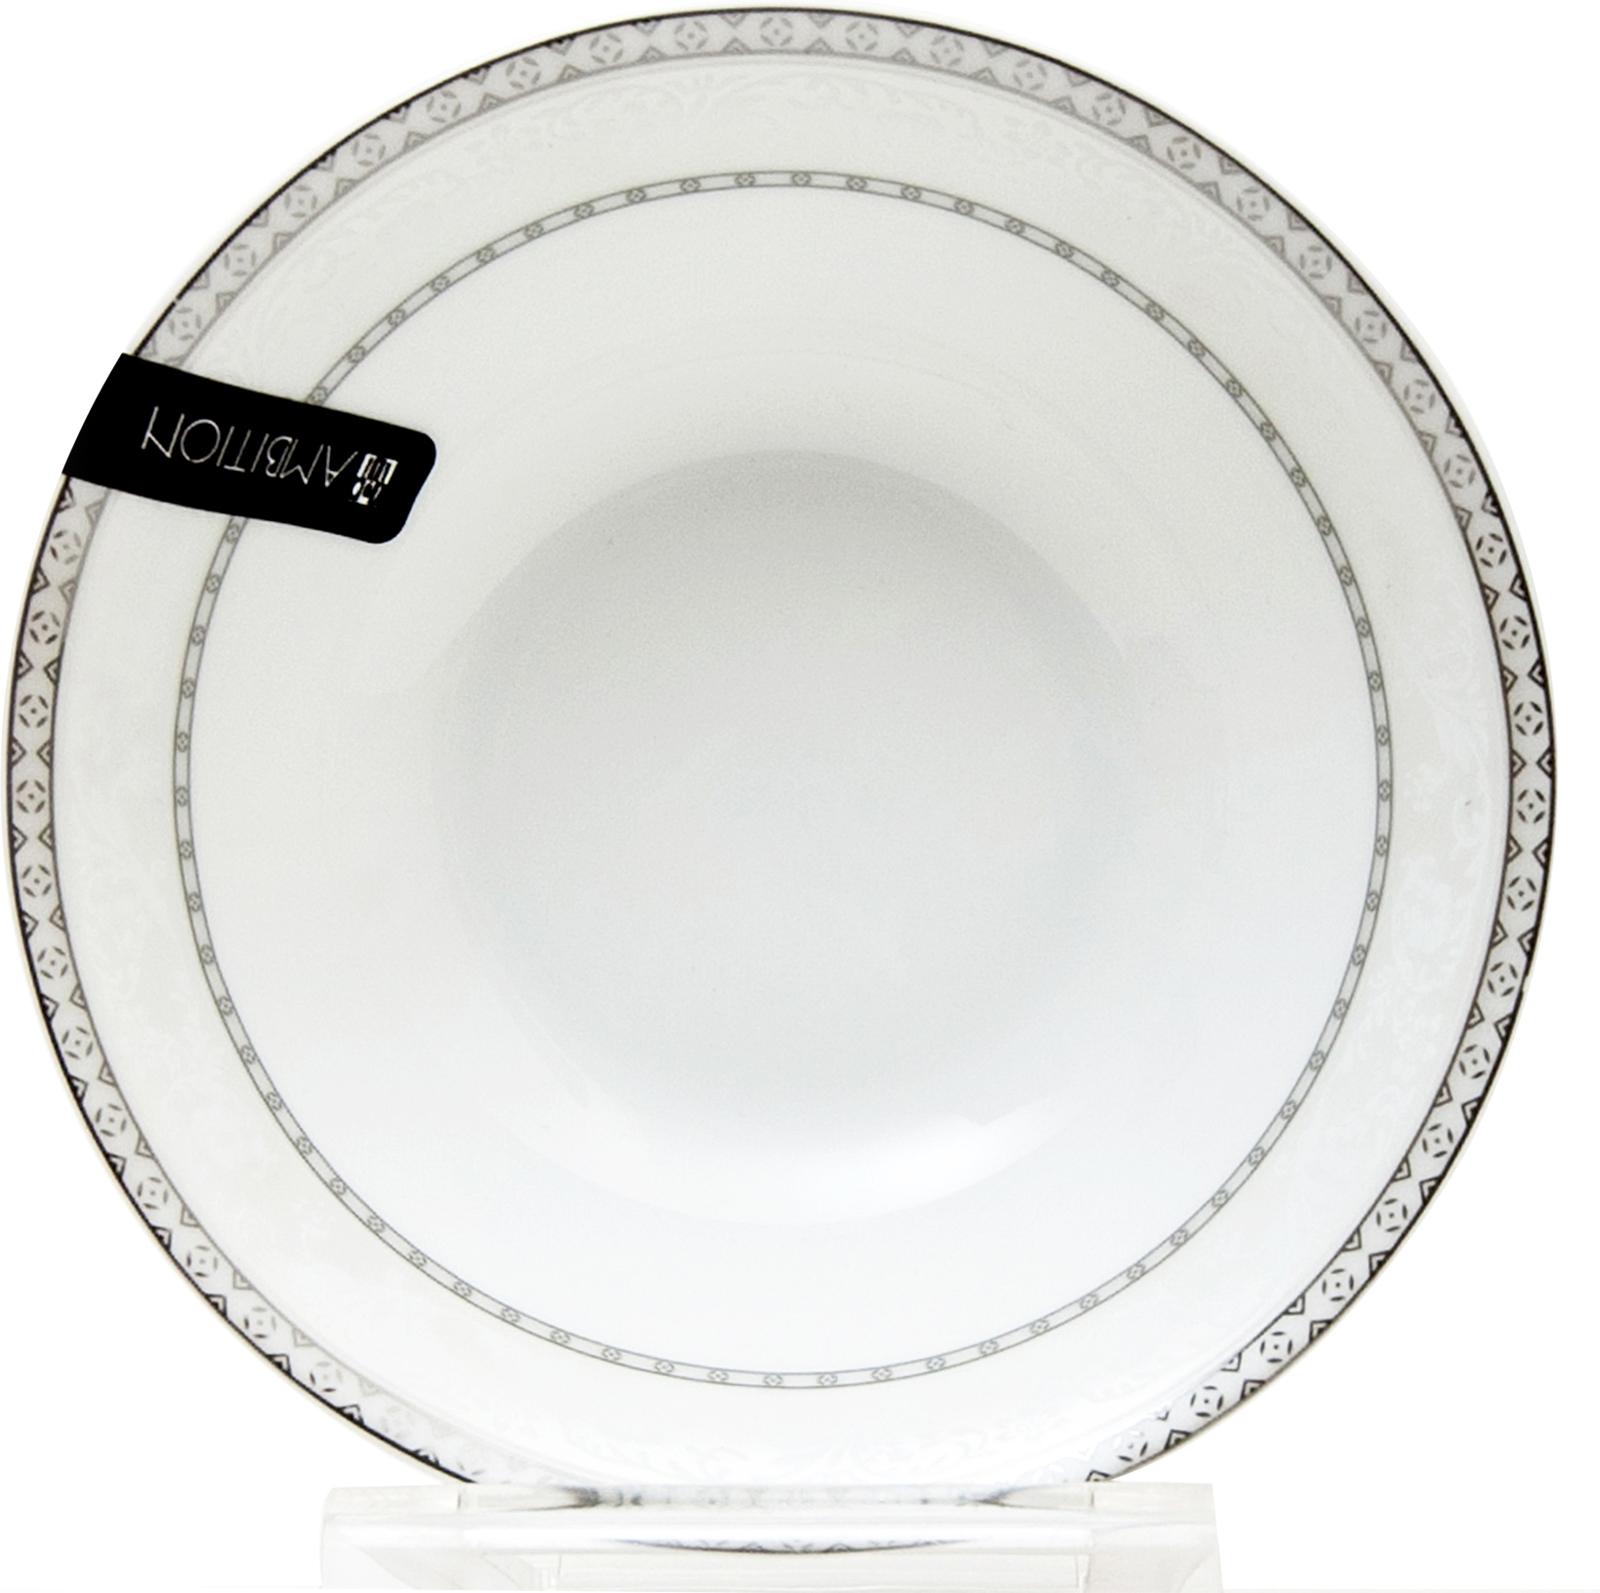 """Миска Ambition серии """"Baron Silver"""".""""Baron Silver"""" - фарфоровая линия для подачи блюд в любое время и в любом месте. Оригинальный декор в серебристо-сером оттенке в сочетании с чистым белым фарфором гарантирует элегантность при сервировки стола.Не желательно использовать в микроволновой печи и посудомоечной машине."""